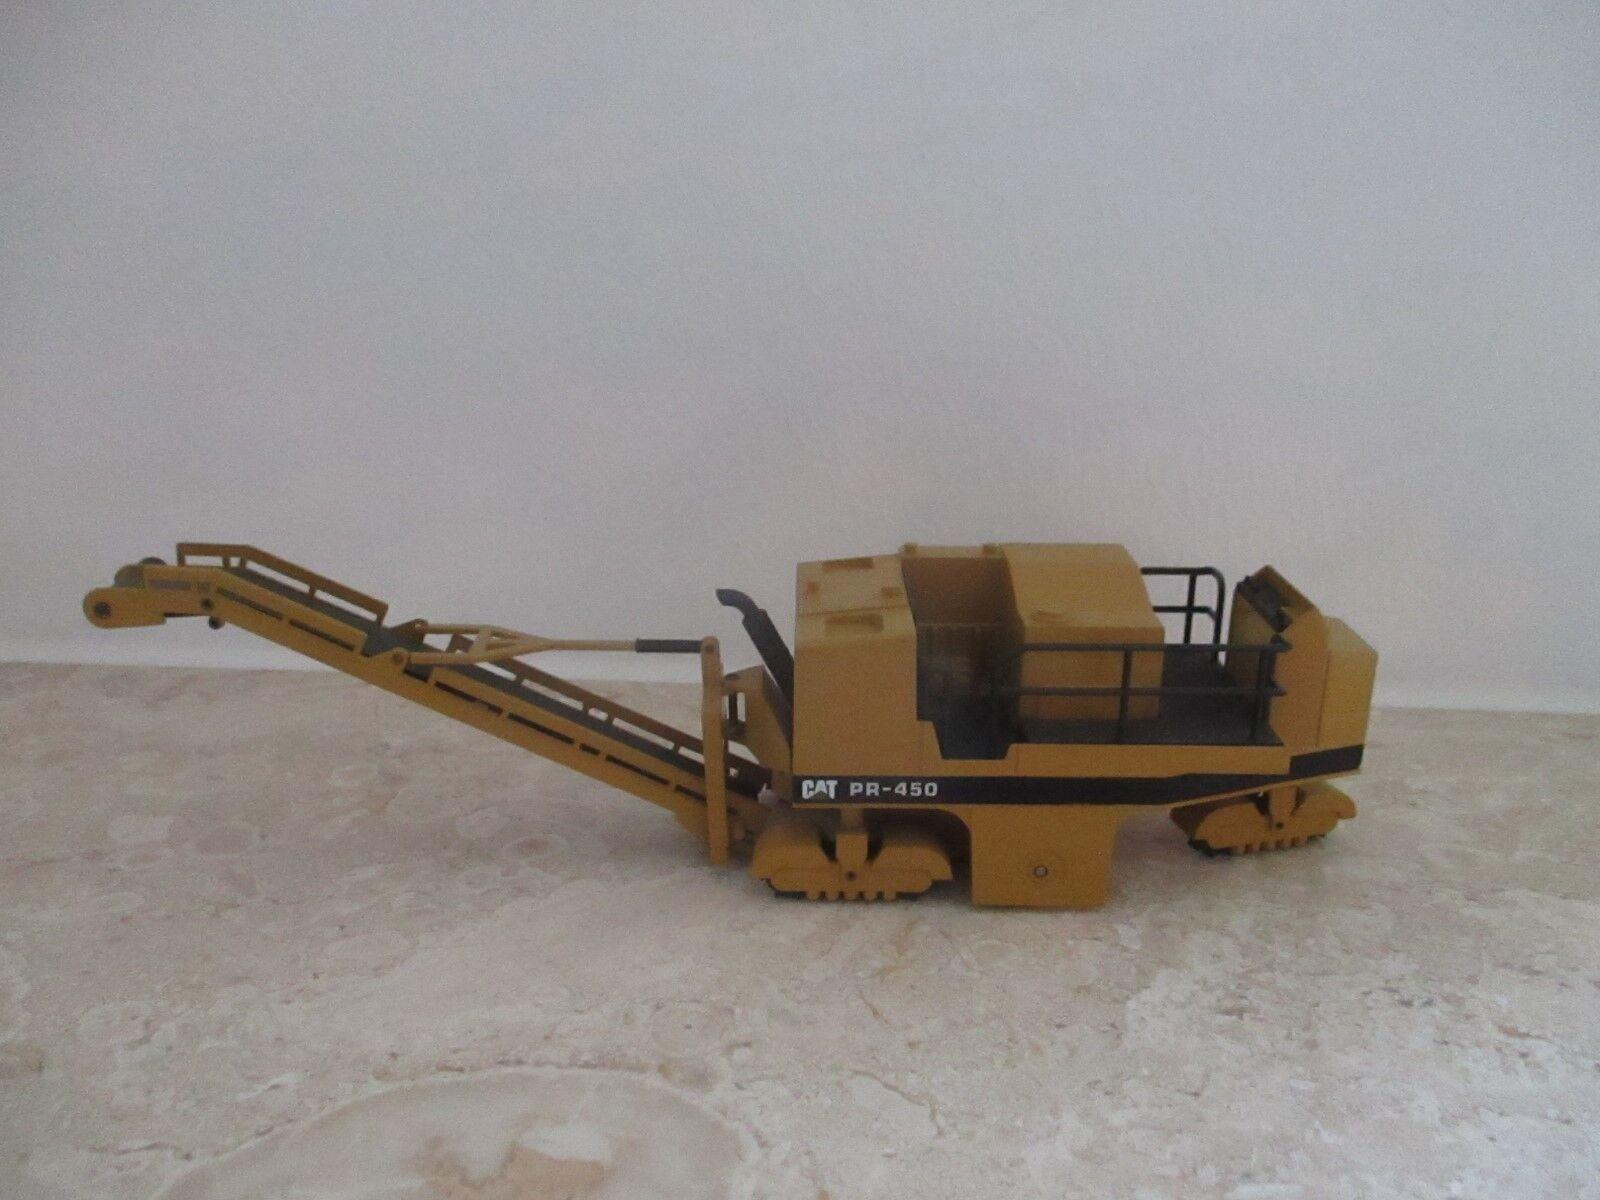 più preferenziale NZG modellololo CAT pr-450 asfalto a frossodo frossodo frossodo FRESA scala 1 50  controlla il più economico